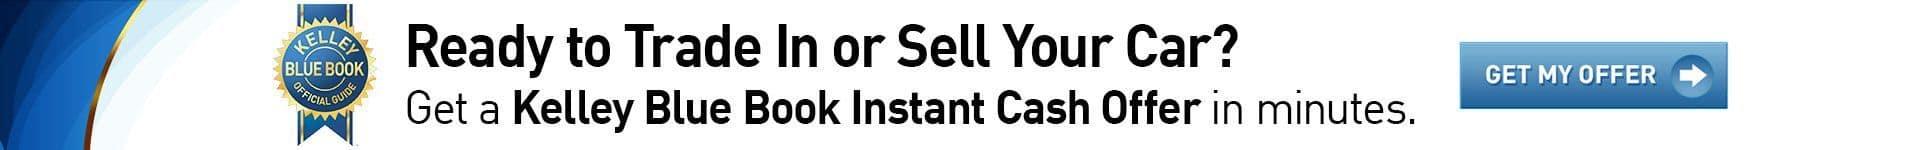 kbb-instant-cash-offer-banner